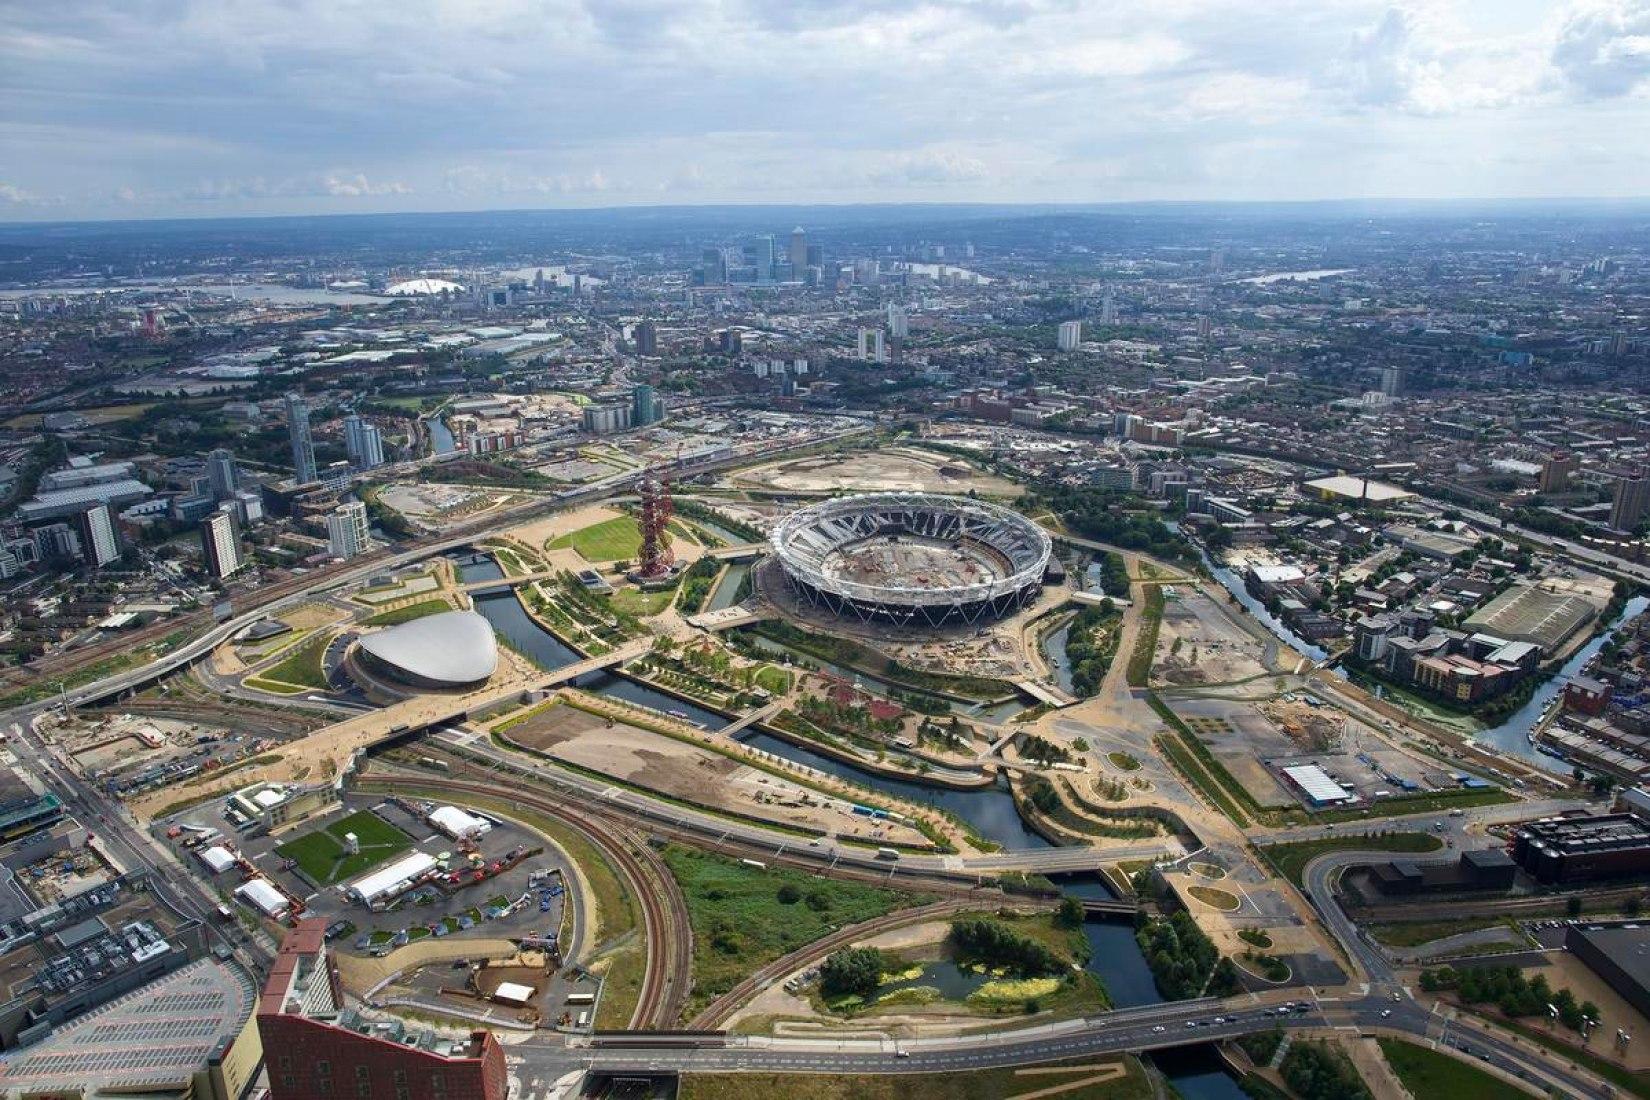 Vista aérea de Parque mostrando los emplazamientos del Olympicopolis. Imagen cortesía de Olympicopolis.